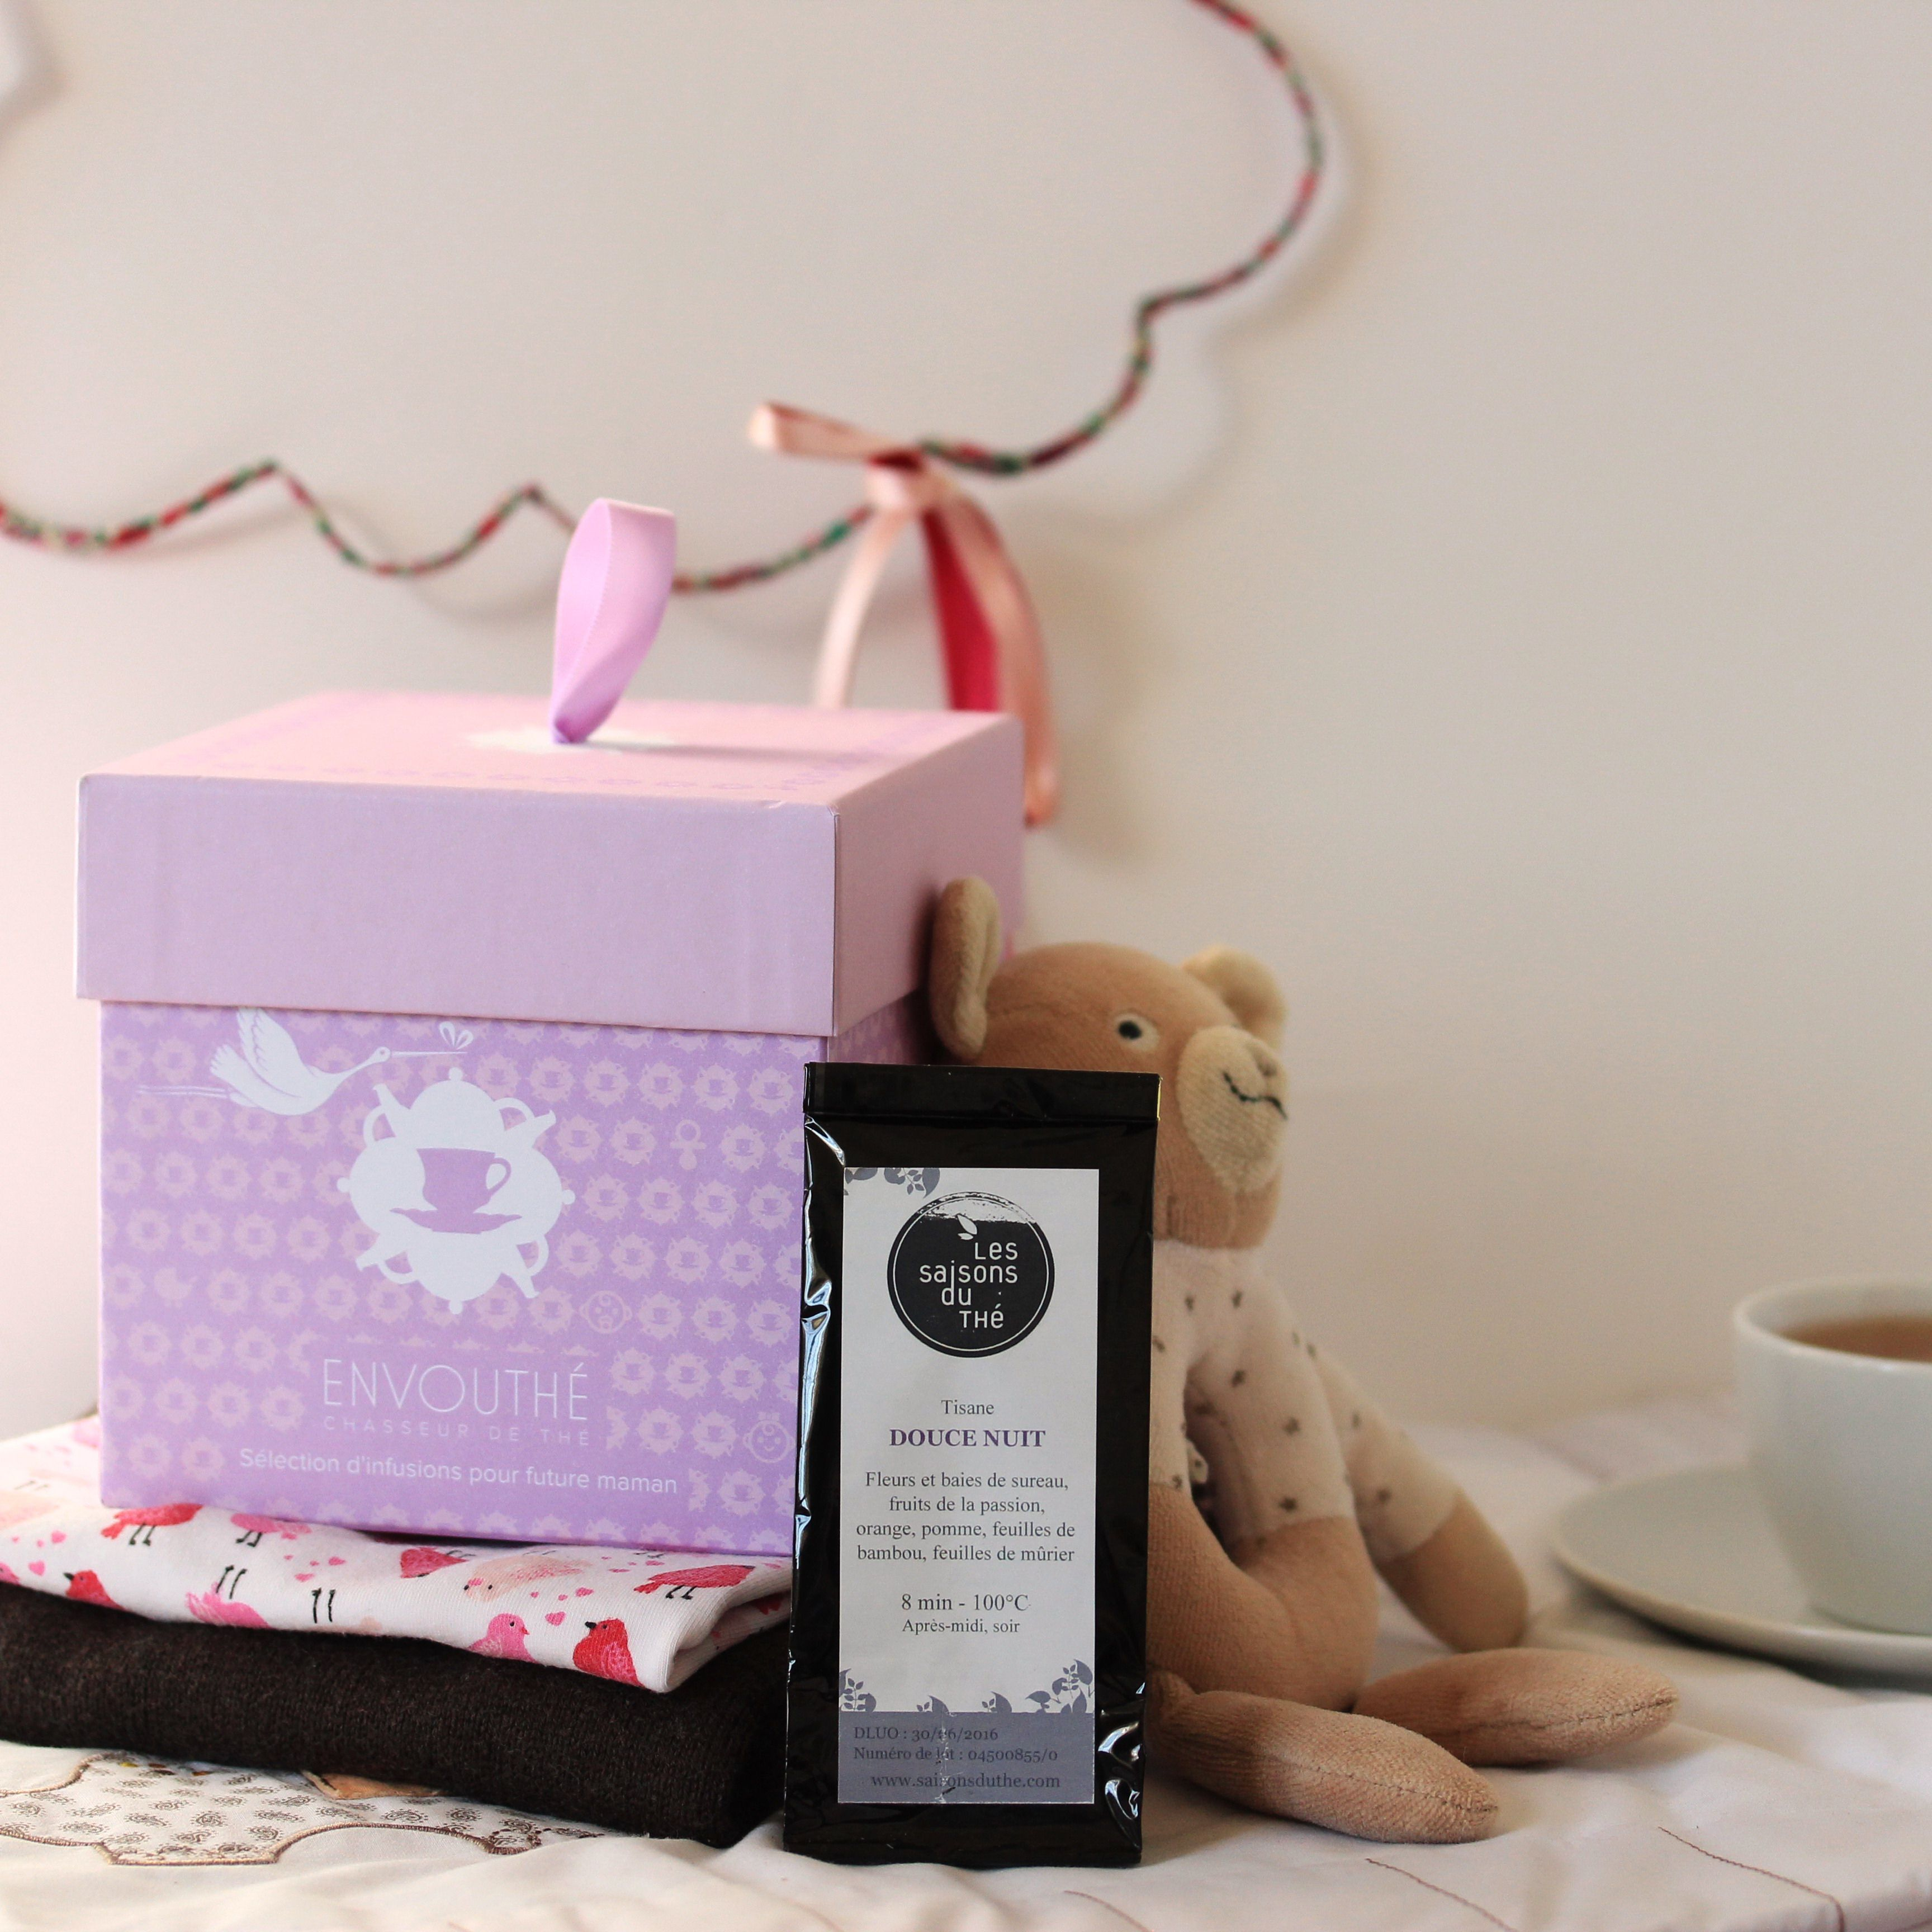 {9 MOIS} Les saisons du thé mettent toute la force apaisante de leur infusion Douce Nuit à votre service pour vous permettre de passer une merveilleuse nuit, tranquillement installée à sentir les mouvements du bébé dans votre ventre.